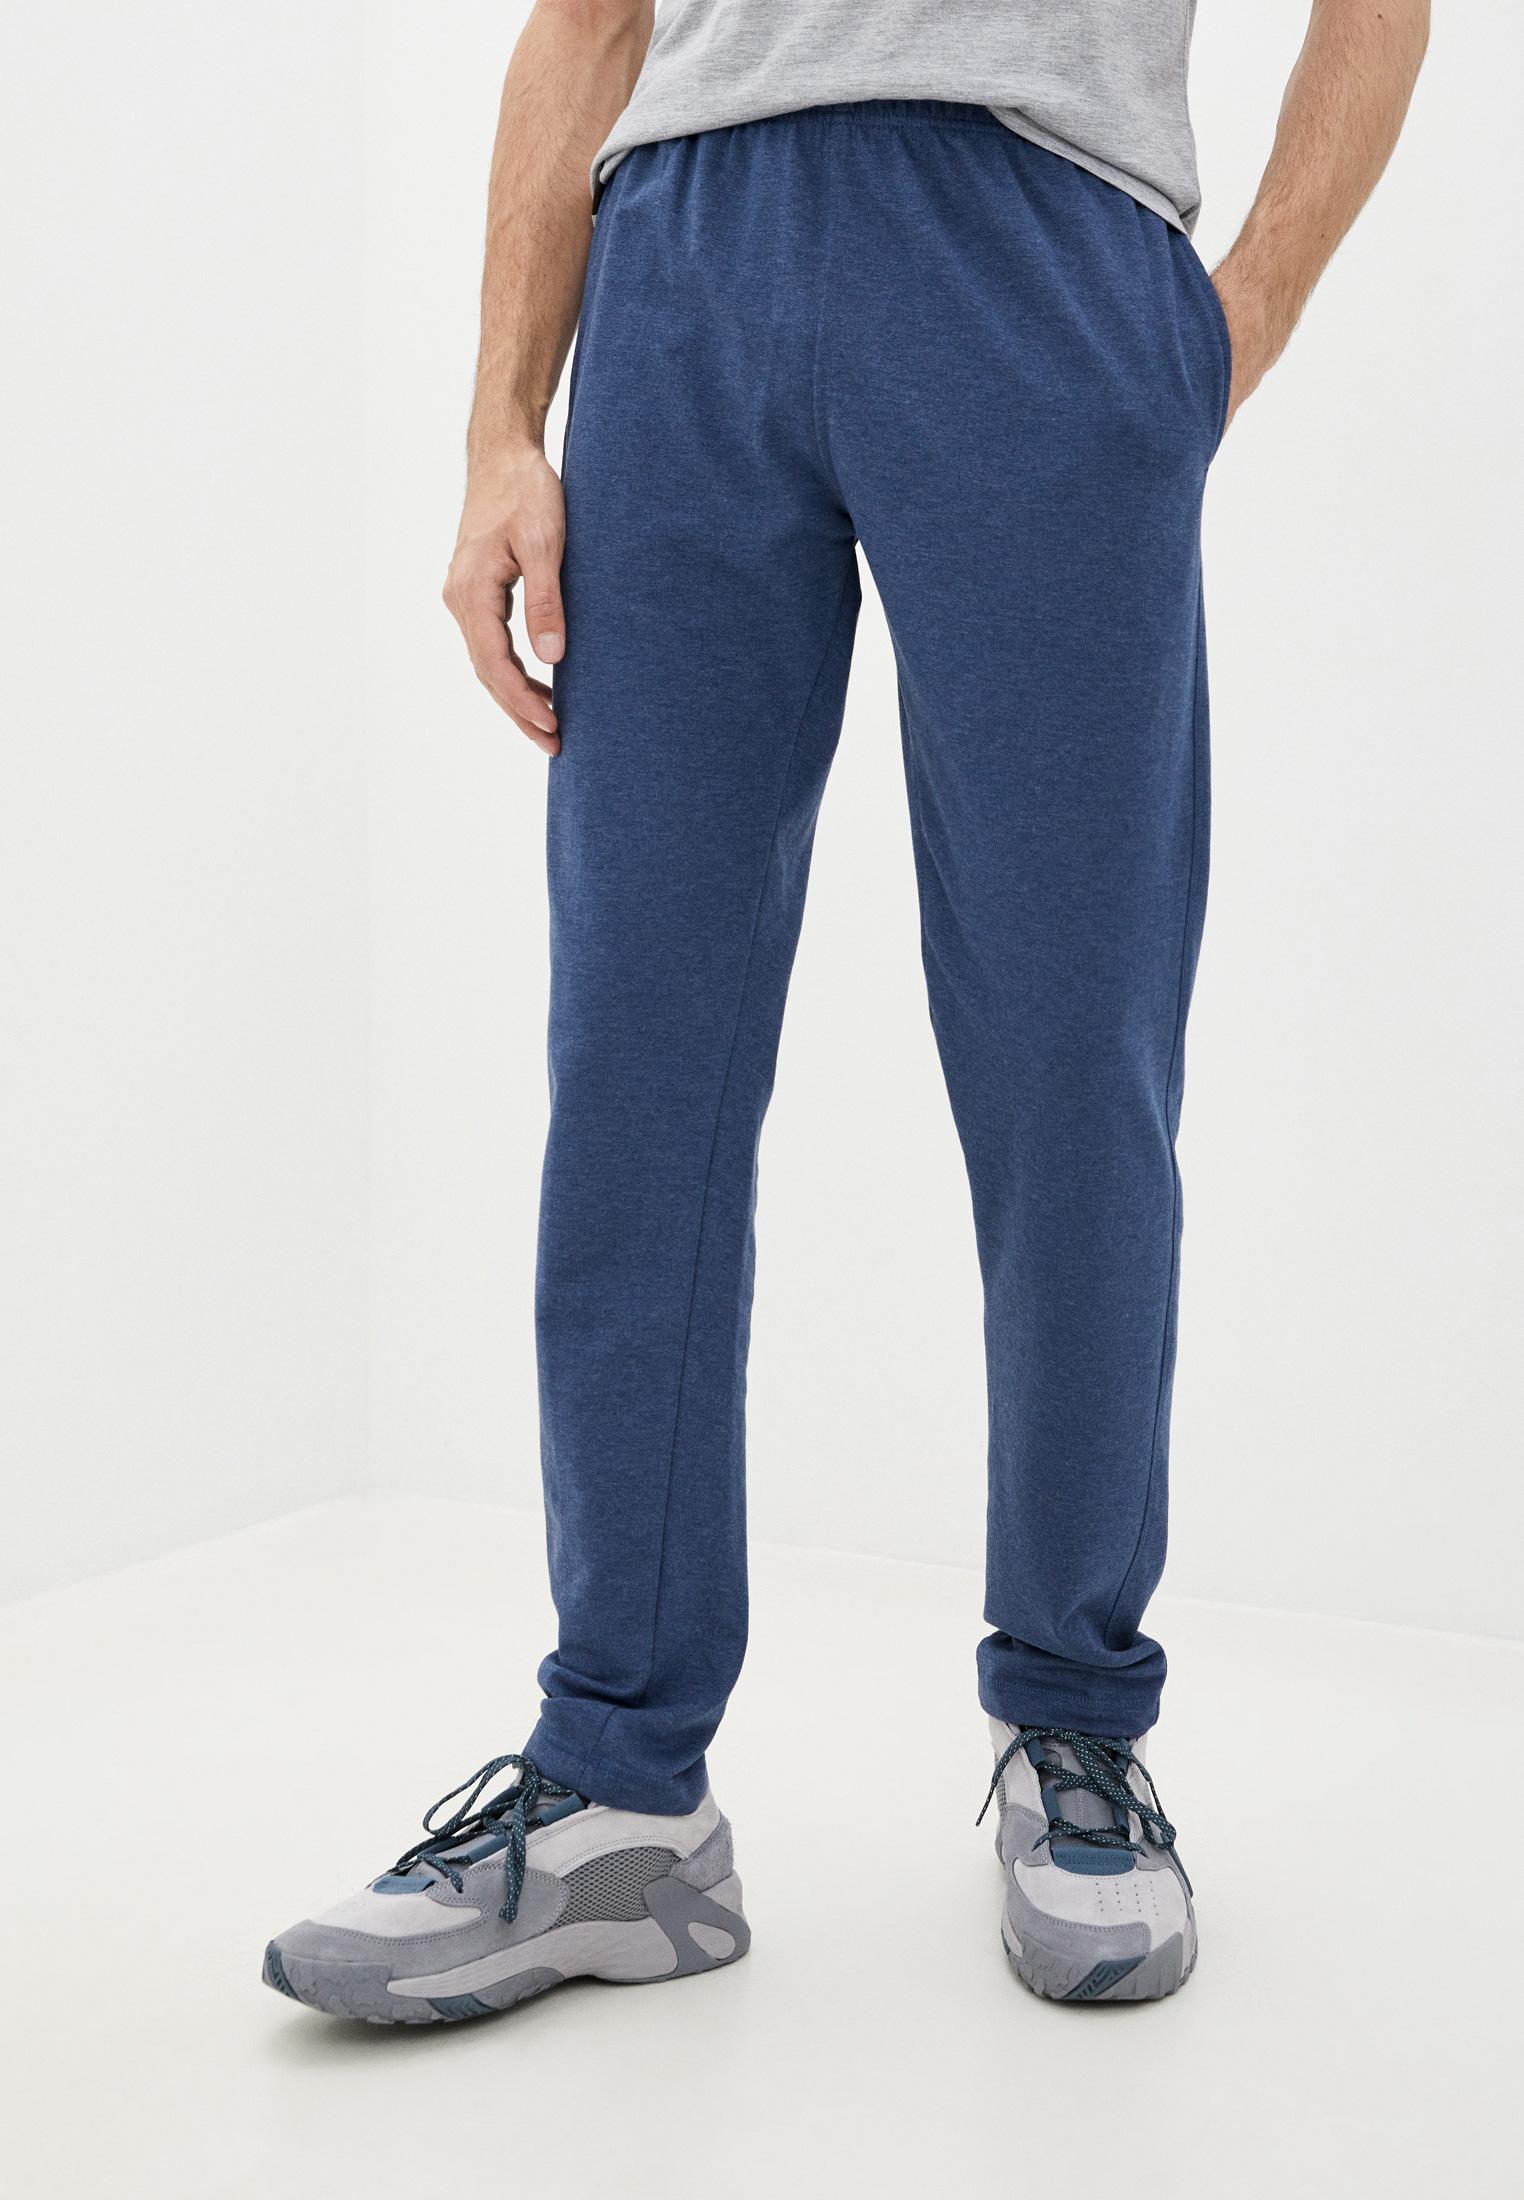 Мужские спортивные брюки Marks & Spencer Брюки спортивные Marks & Spencer